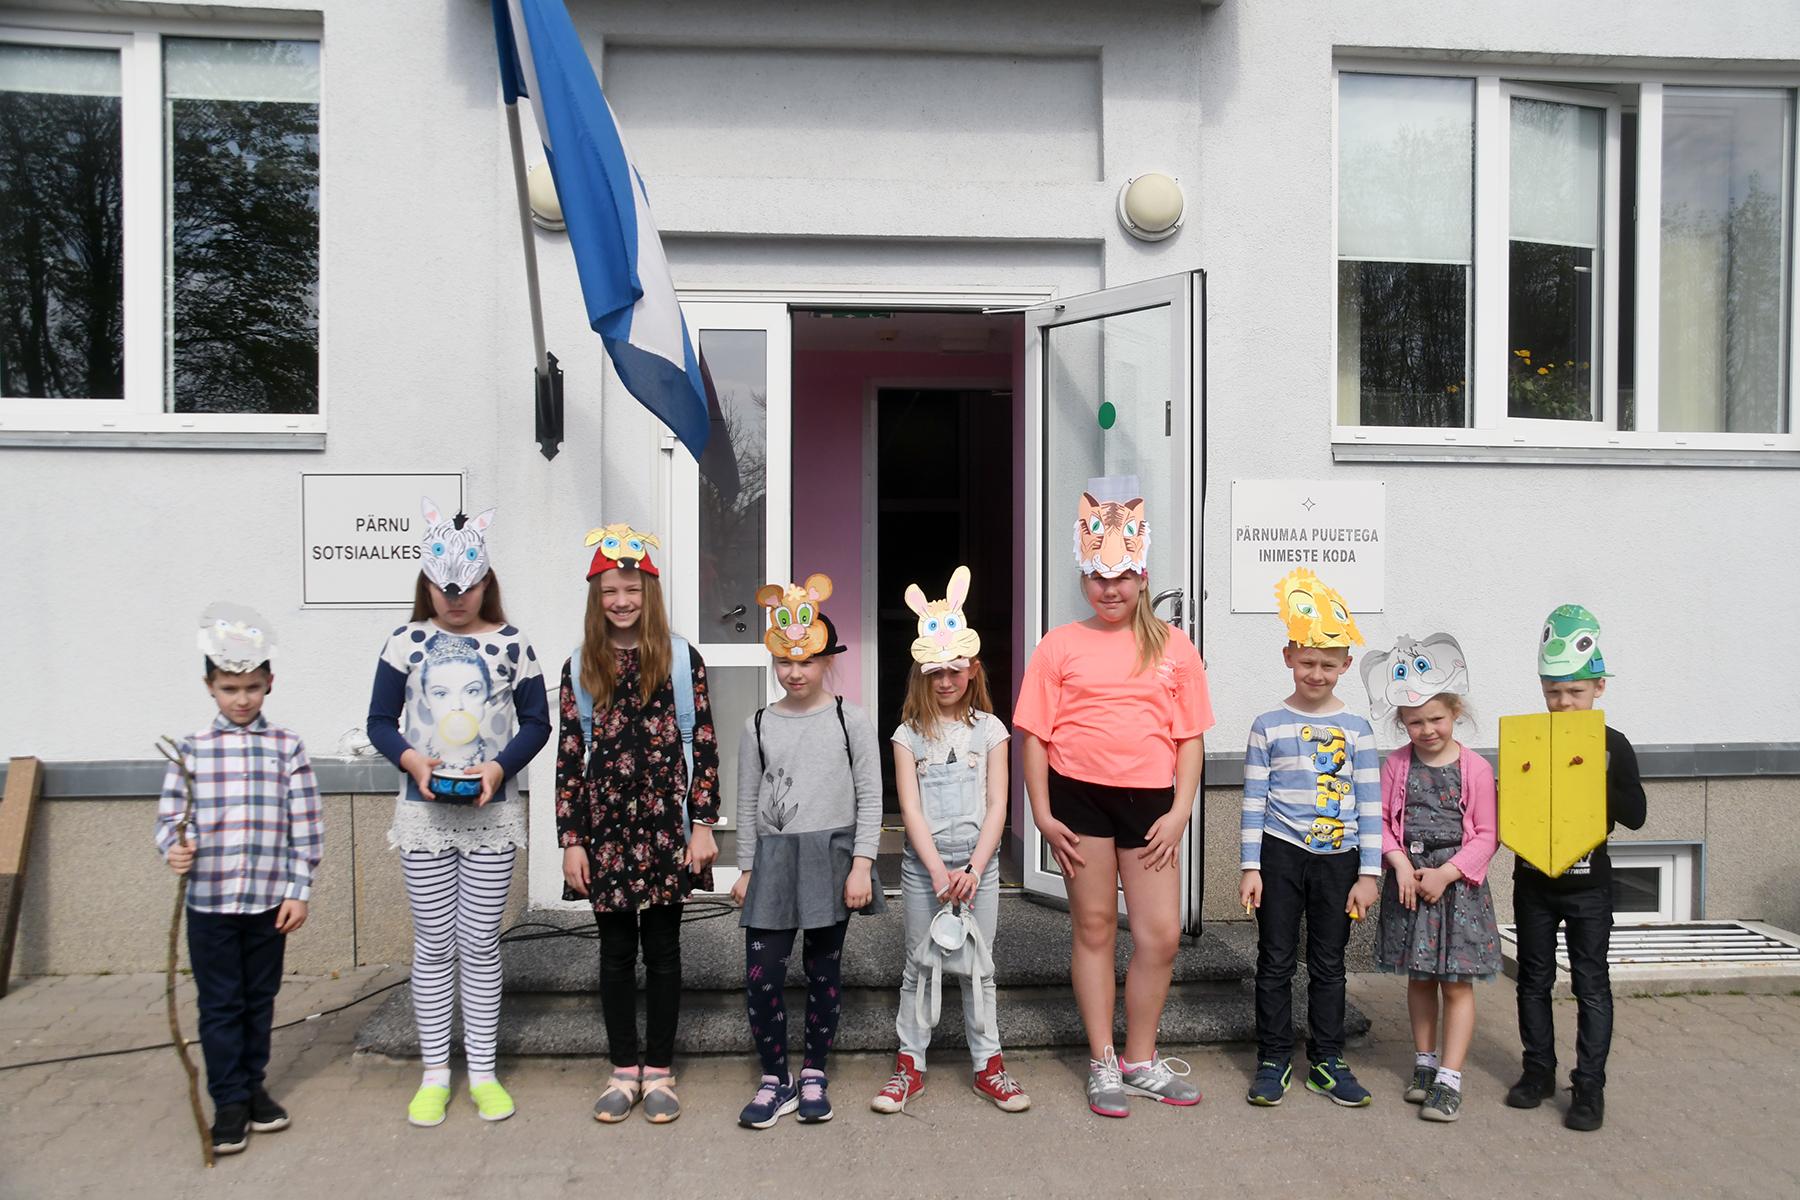 Eliisabeti koguduse pühapäevakooli näiterühma lapsed Pärnu sotsiaalkeskuse ees. Foto Urmas Saard